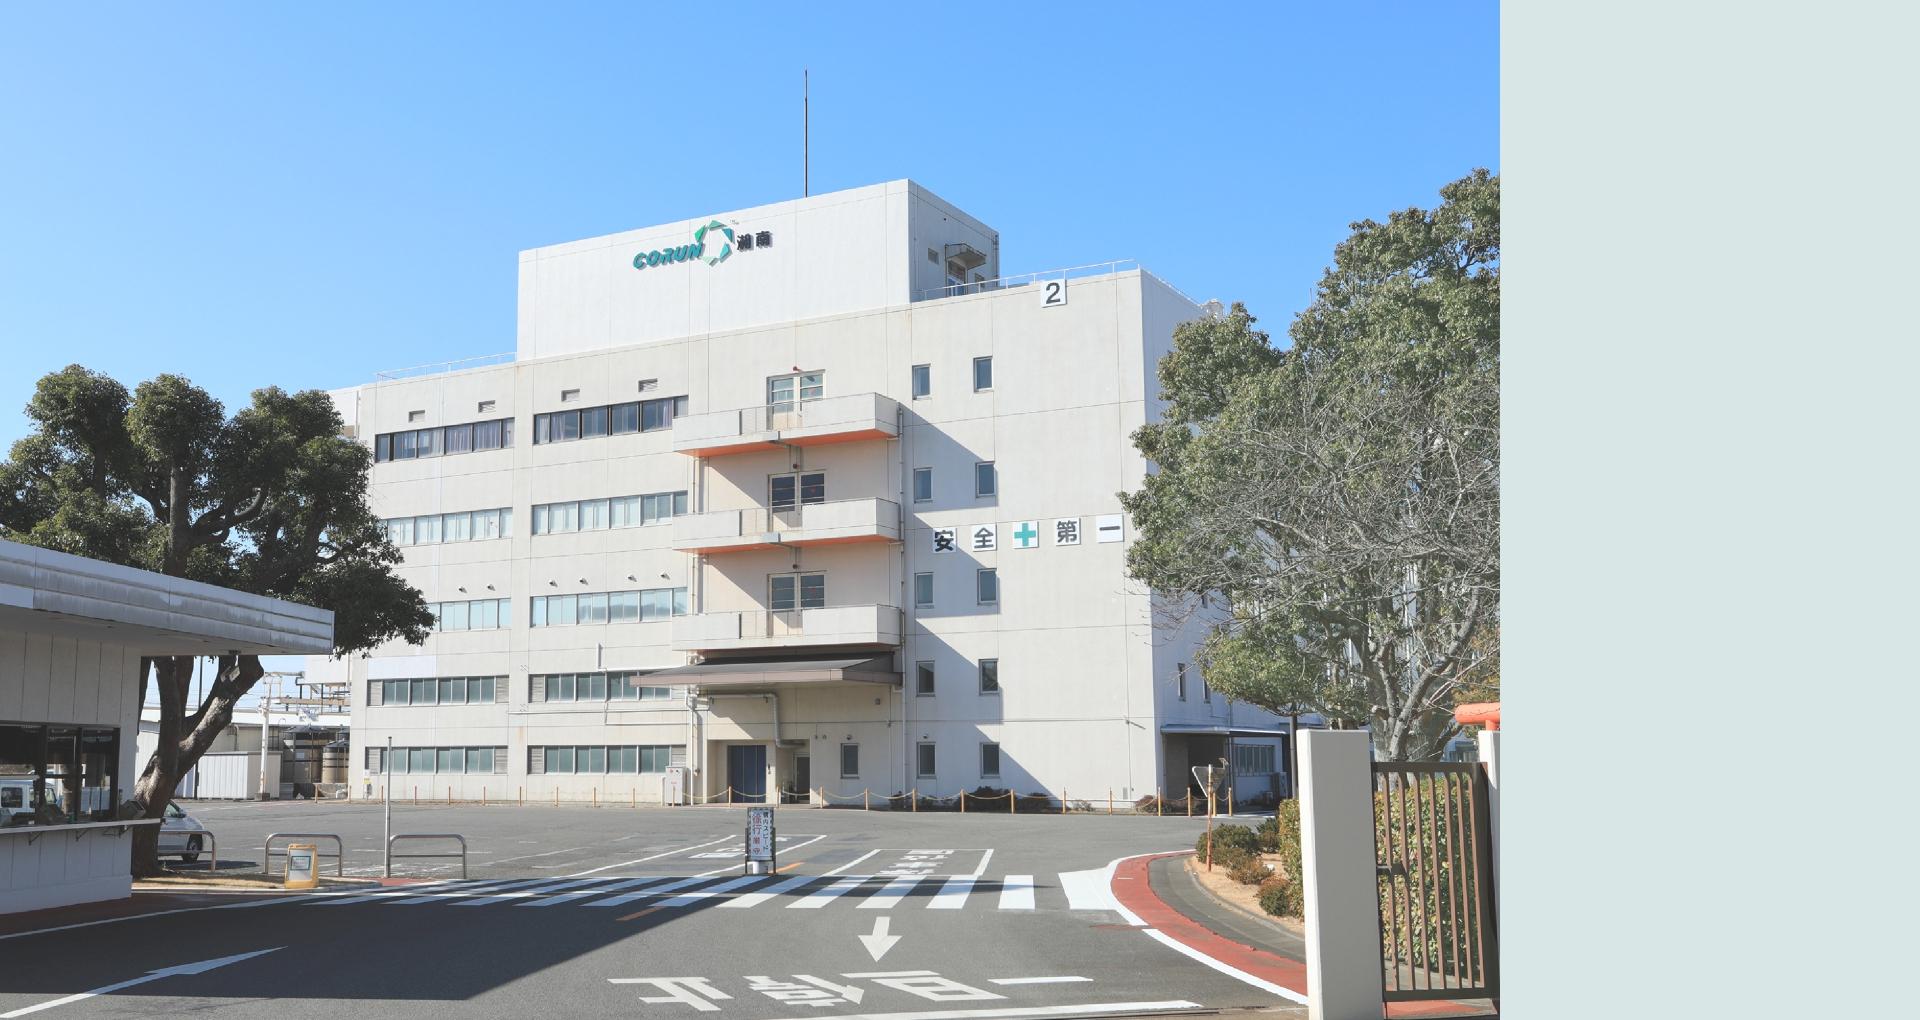 湘南CORUN ENERGY株式会社はHEV用ニッケル水素電池の開発・製造・販売をしている会社です。